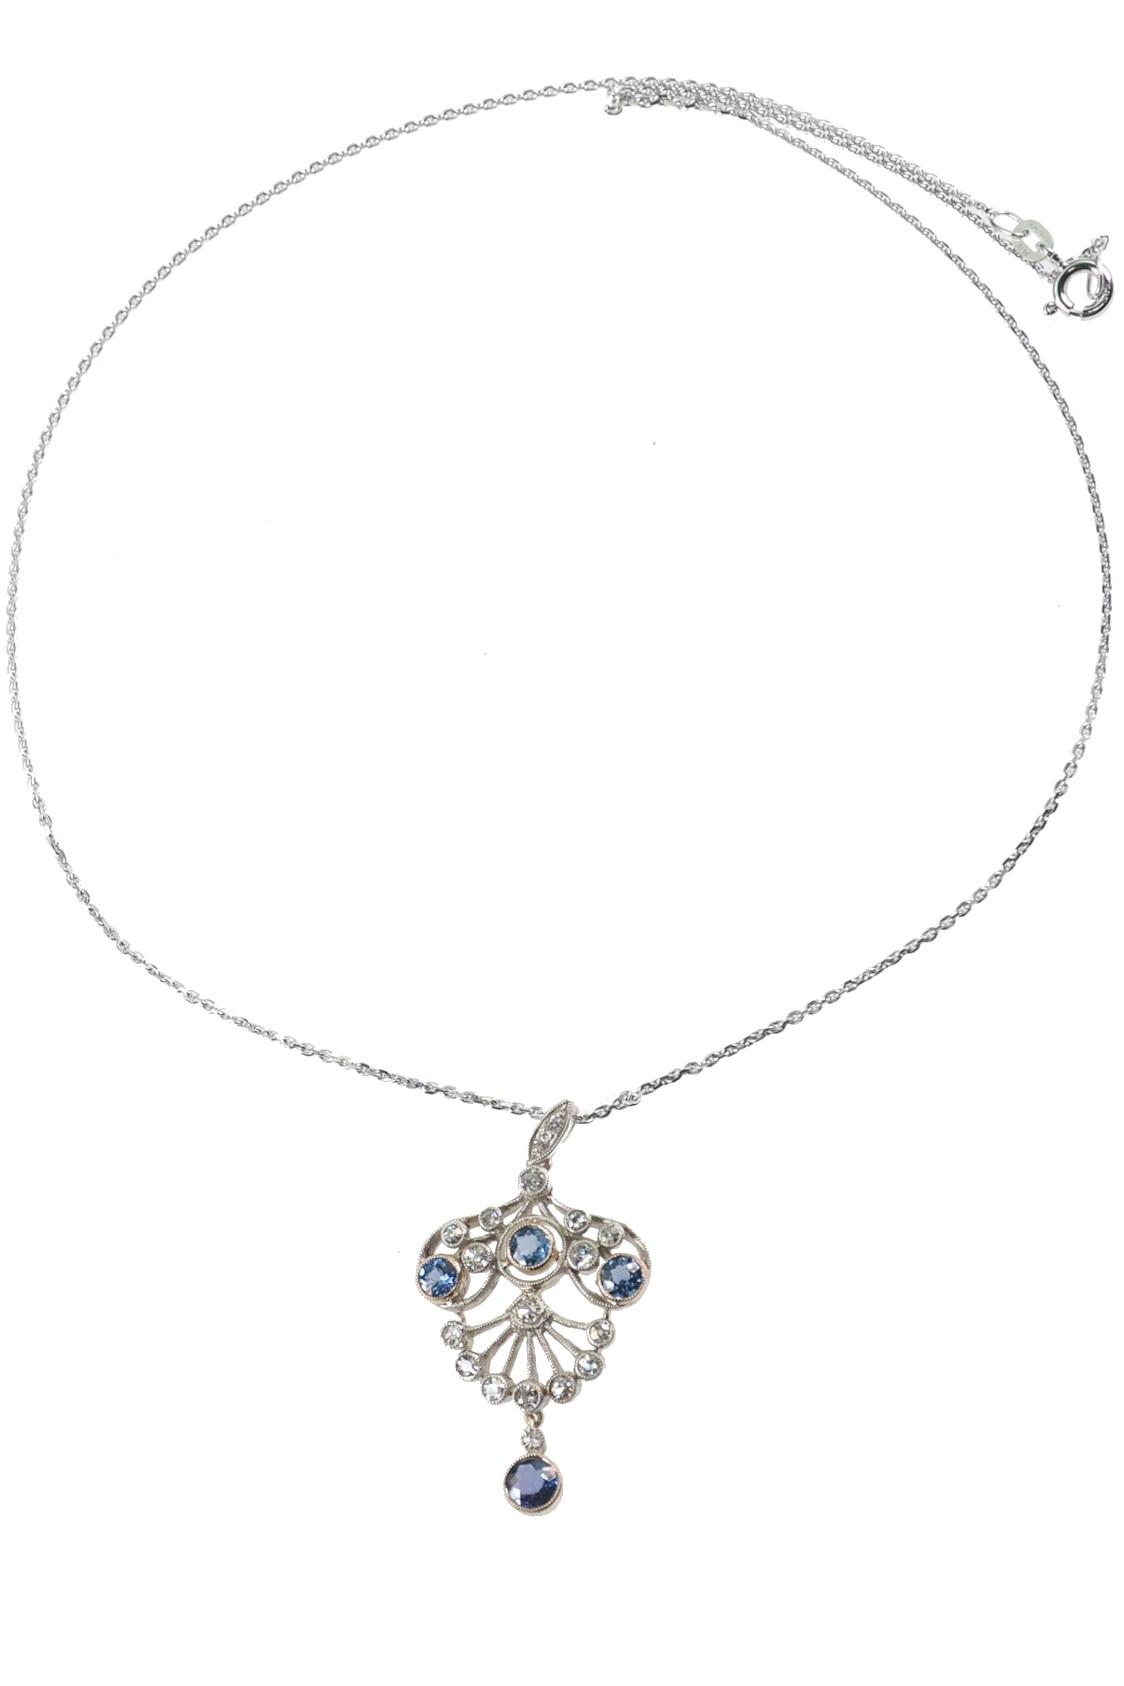 Saphircollier-online-kaufen-0151b